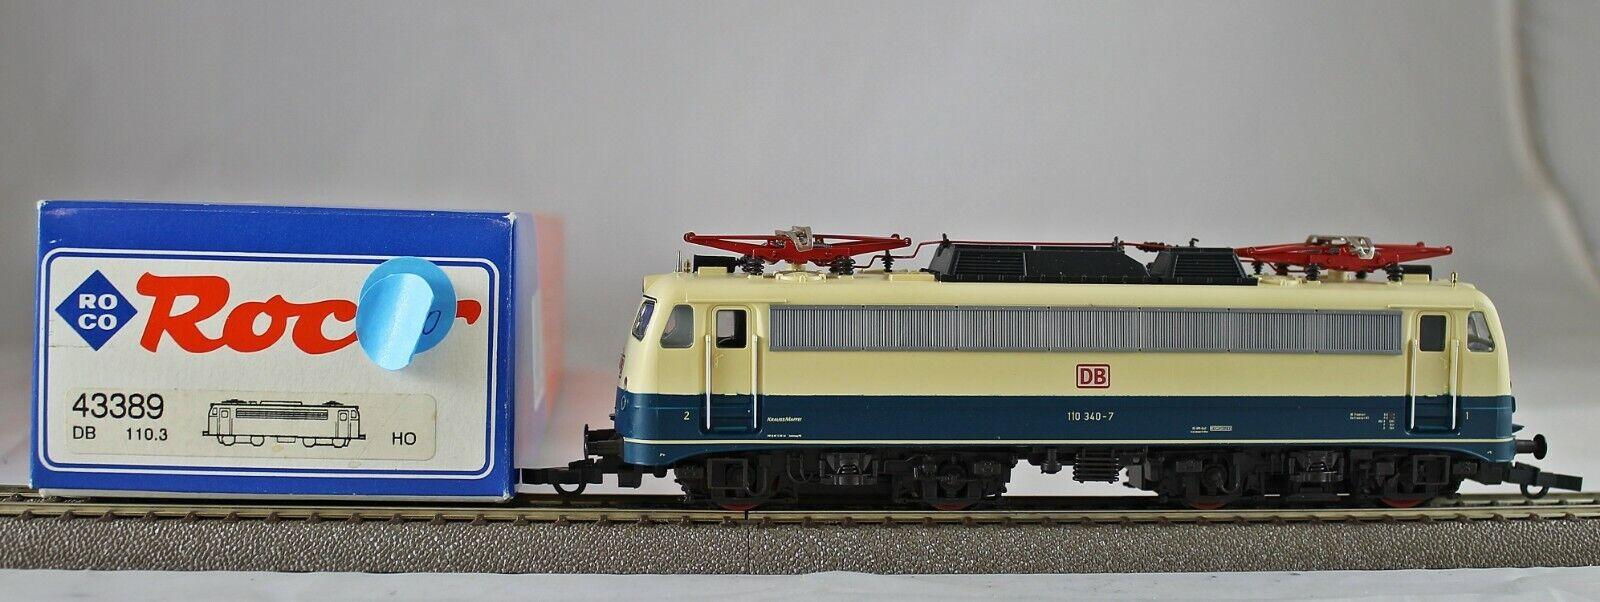 Roco 43389 elektrolokomotive br 110 de la DB de colección con embalaje original dc